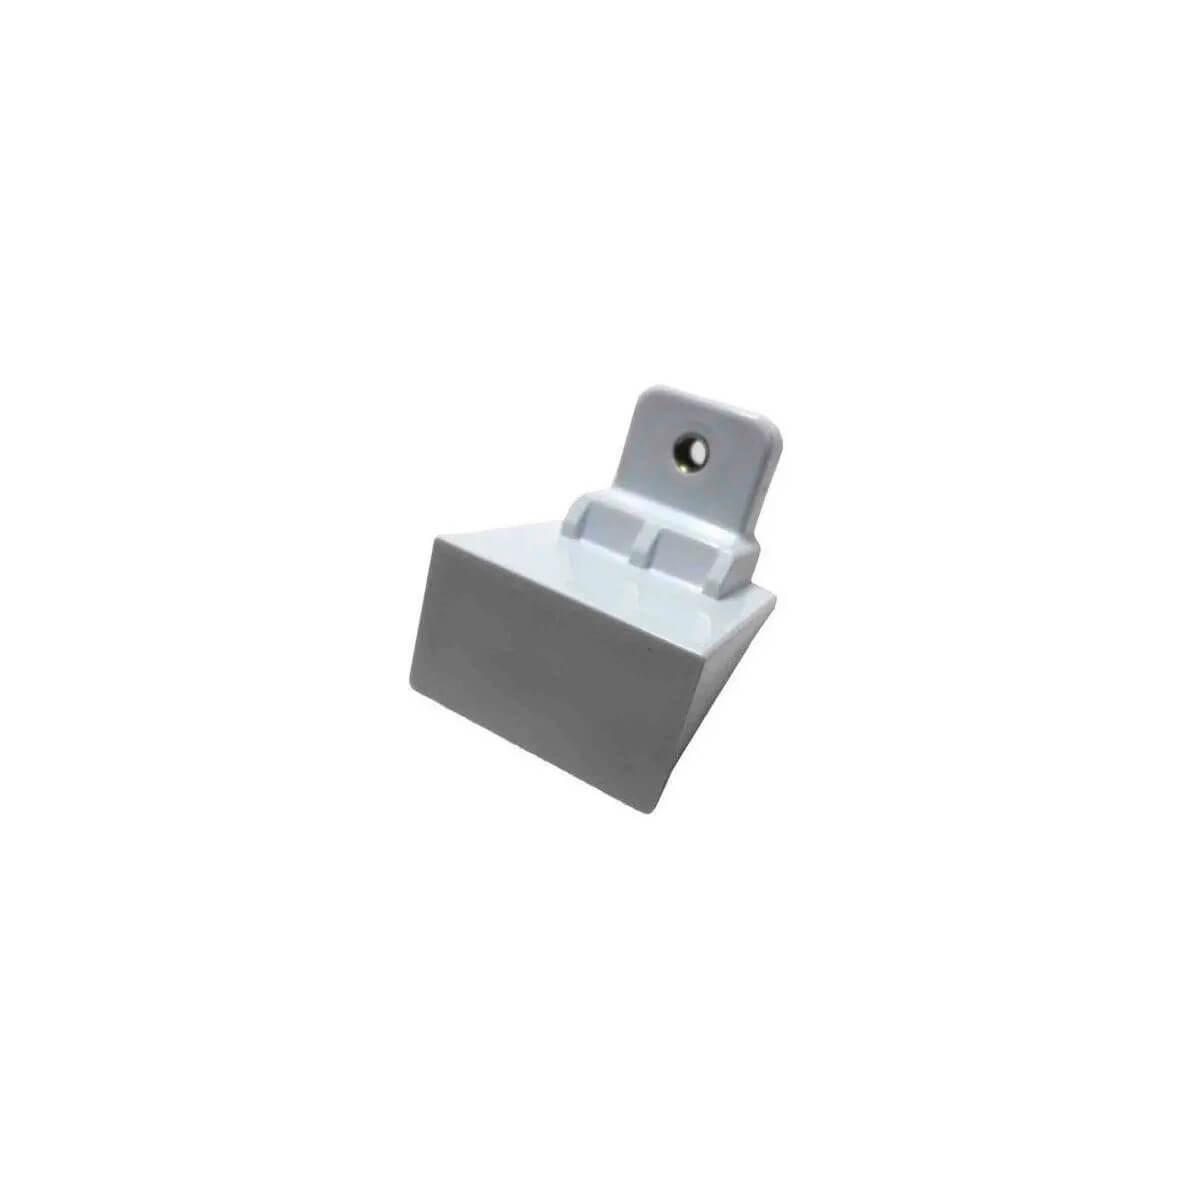 Suporte Puxador Superior Branco Refrigerador Electrolux DF36A DFN42 - 67401599